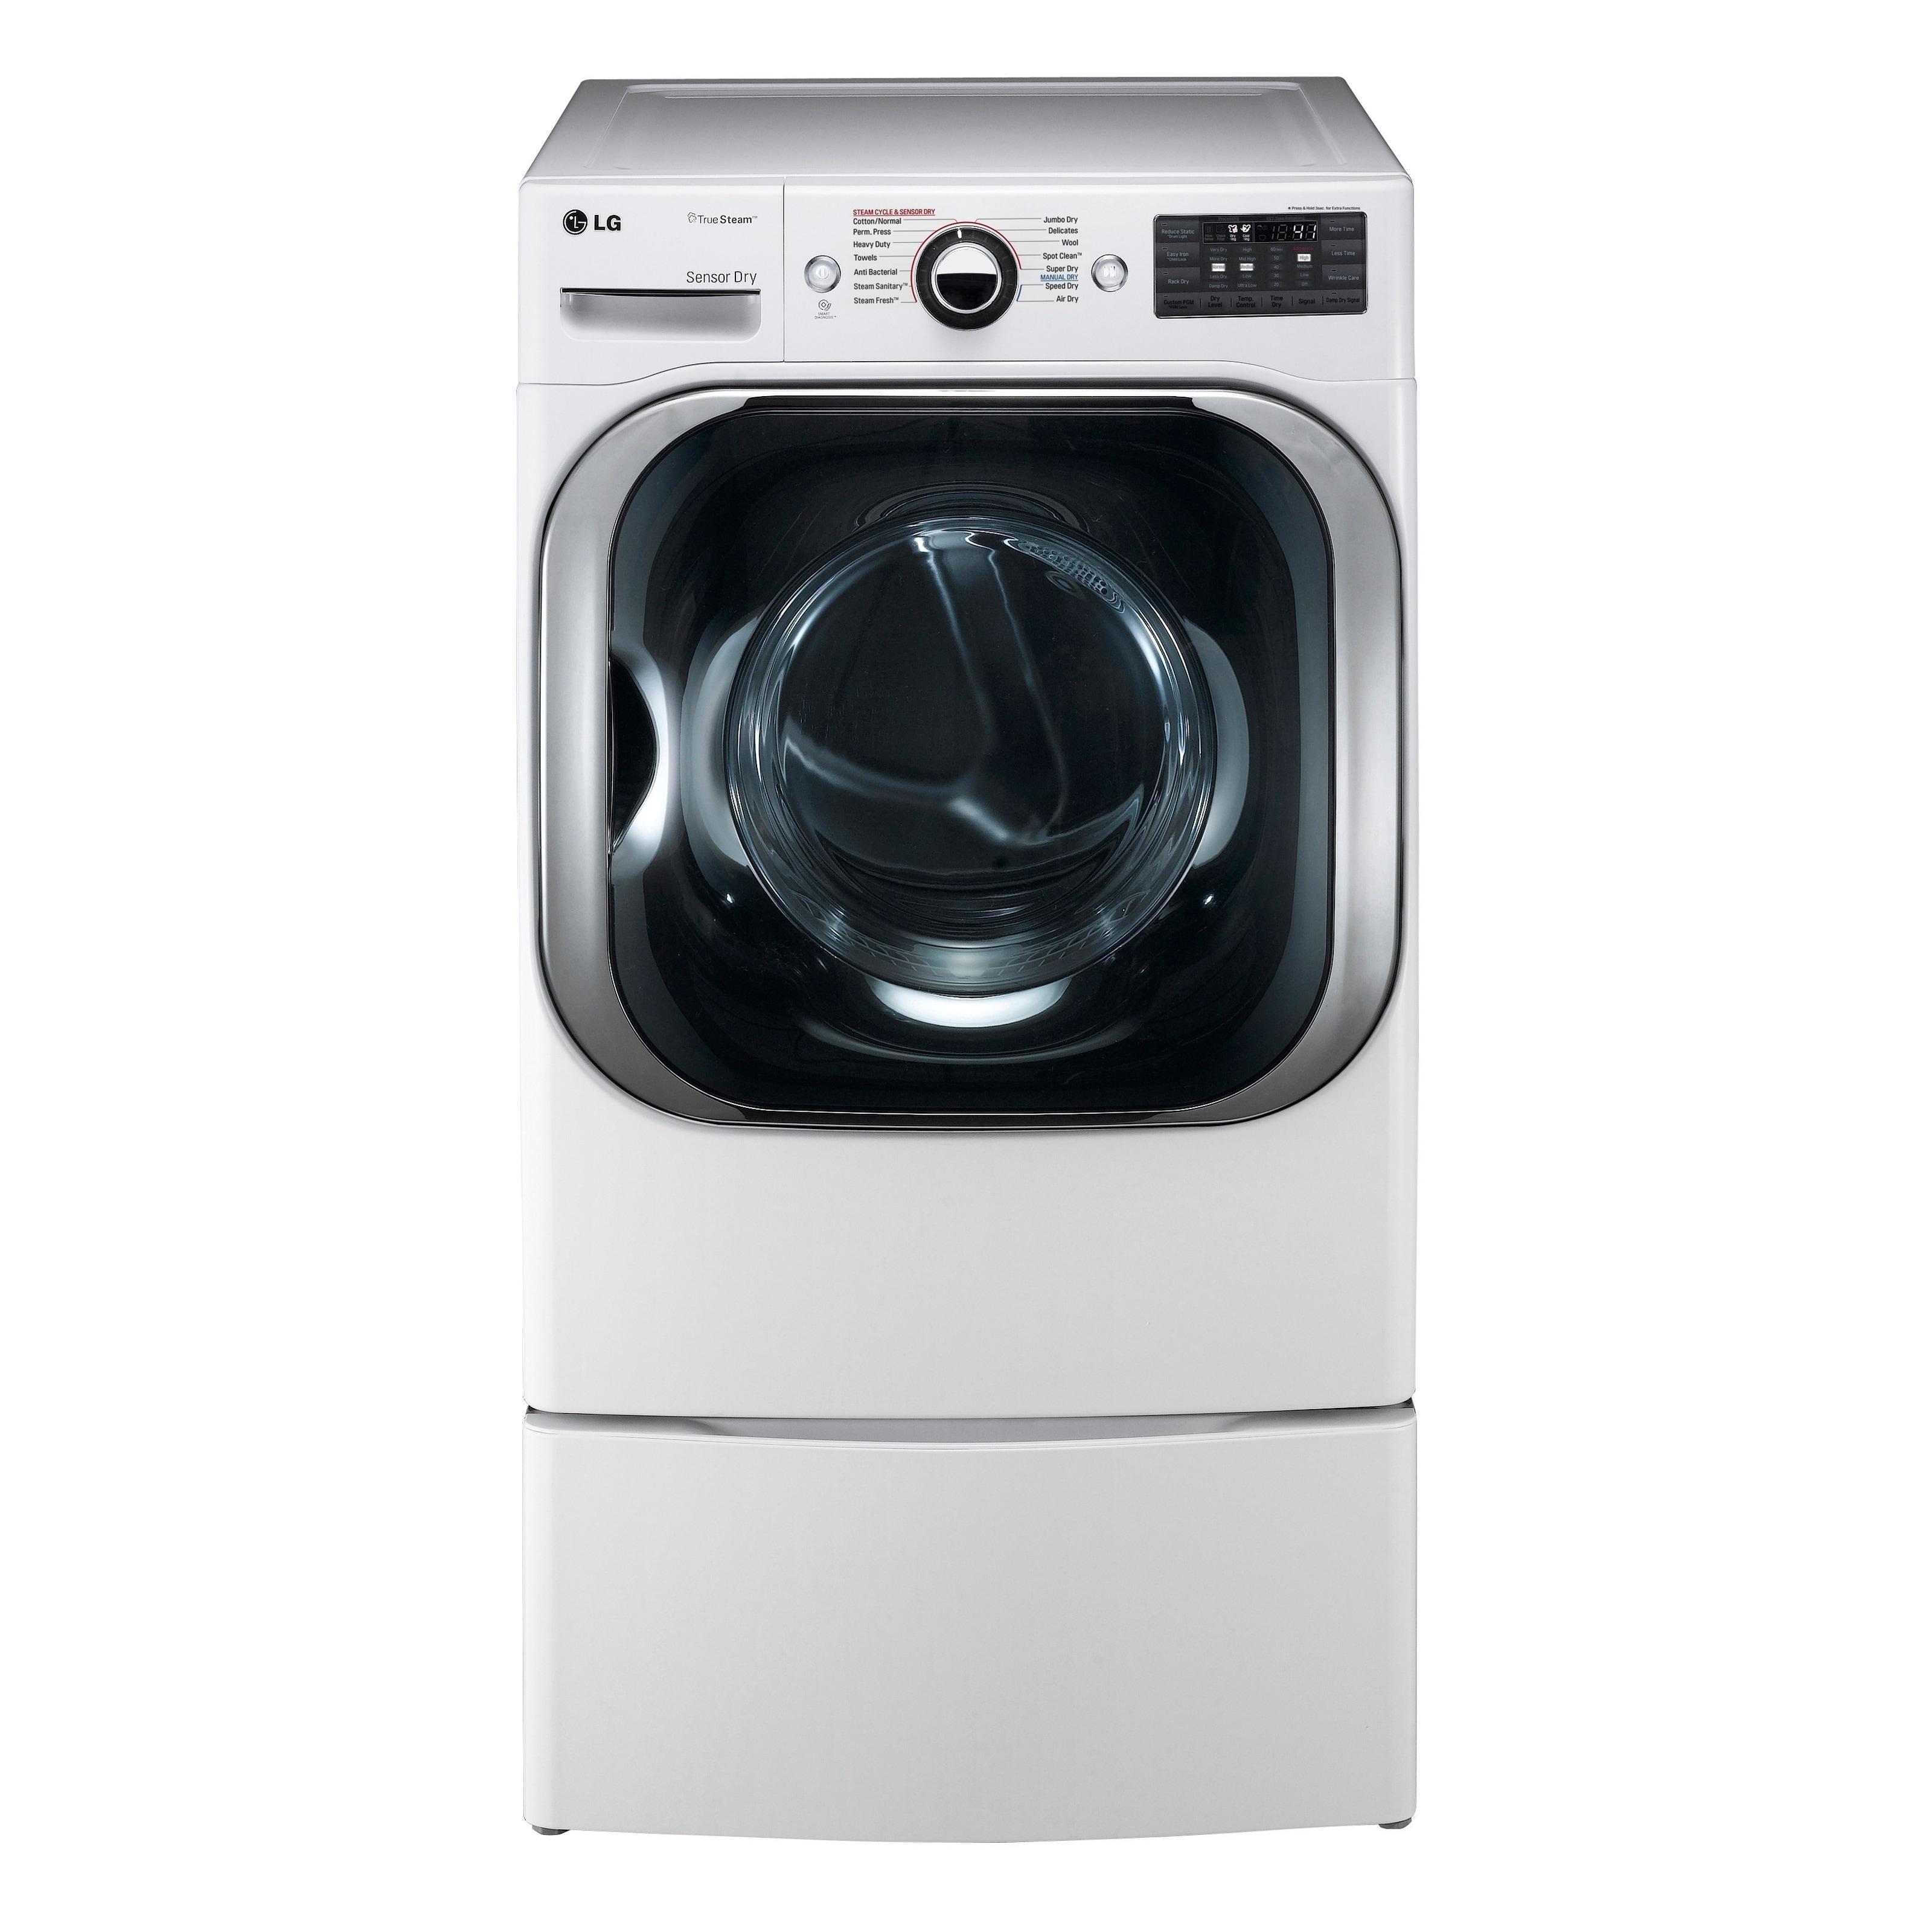 LG DLGX8101W 9.0 cu. ft. Mega Capacity Gas Dryer w/ Steam...